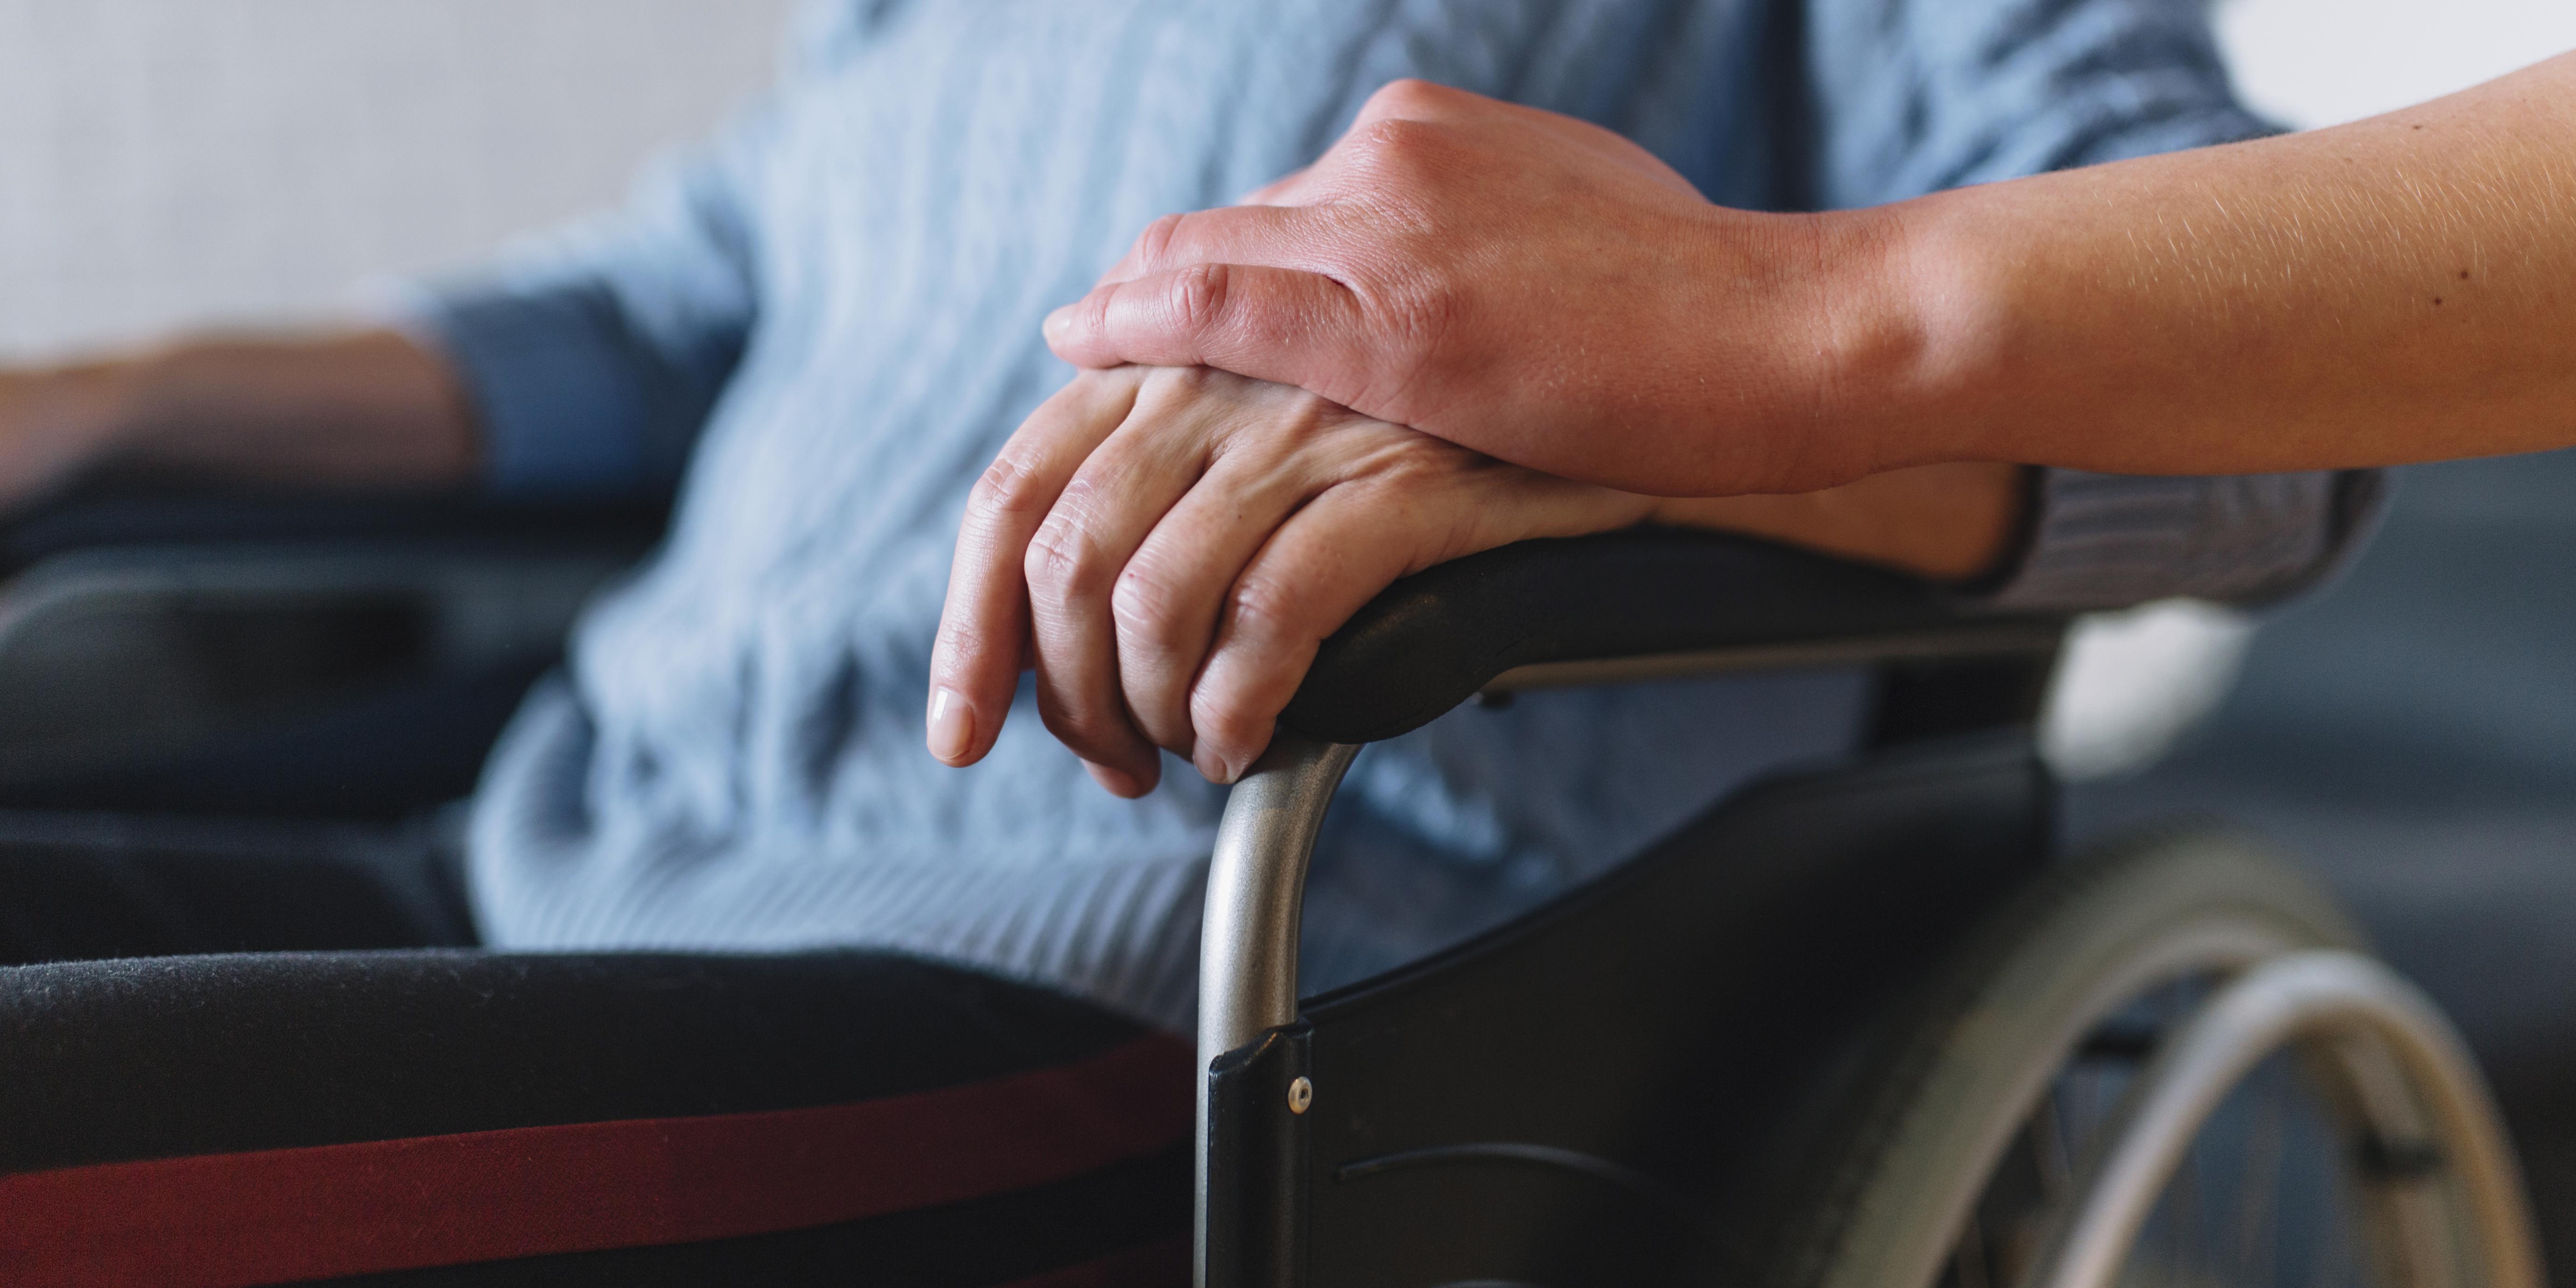 Publicada Resolução que estabelece diretrizes para o atendimento à pessoa com deficiência